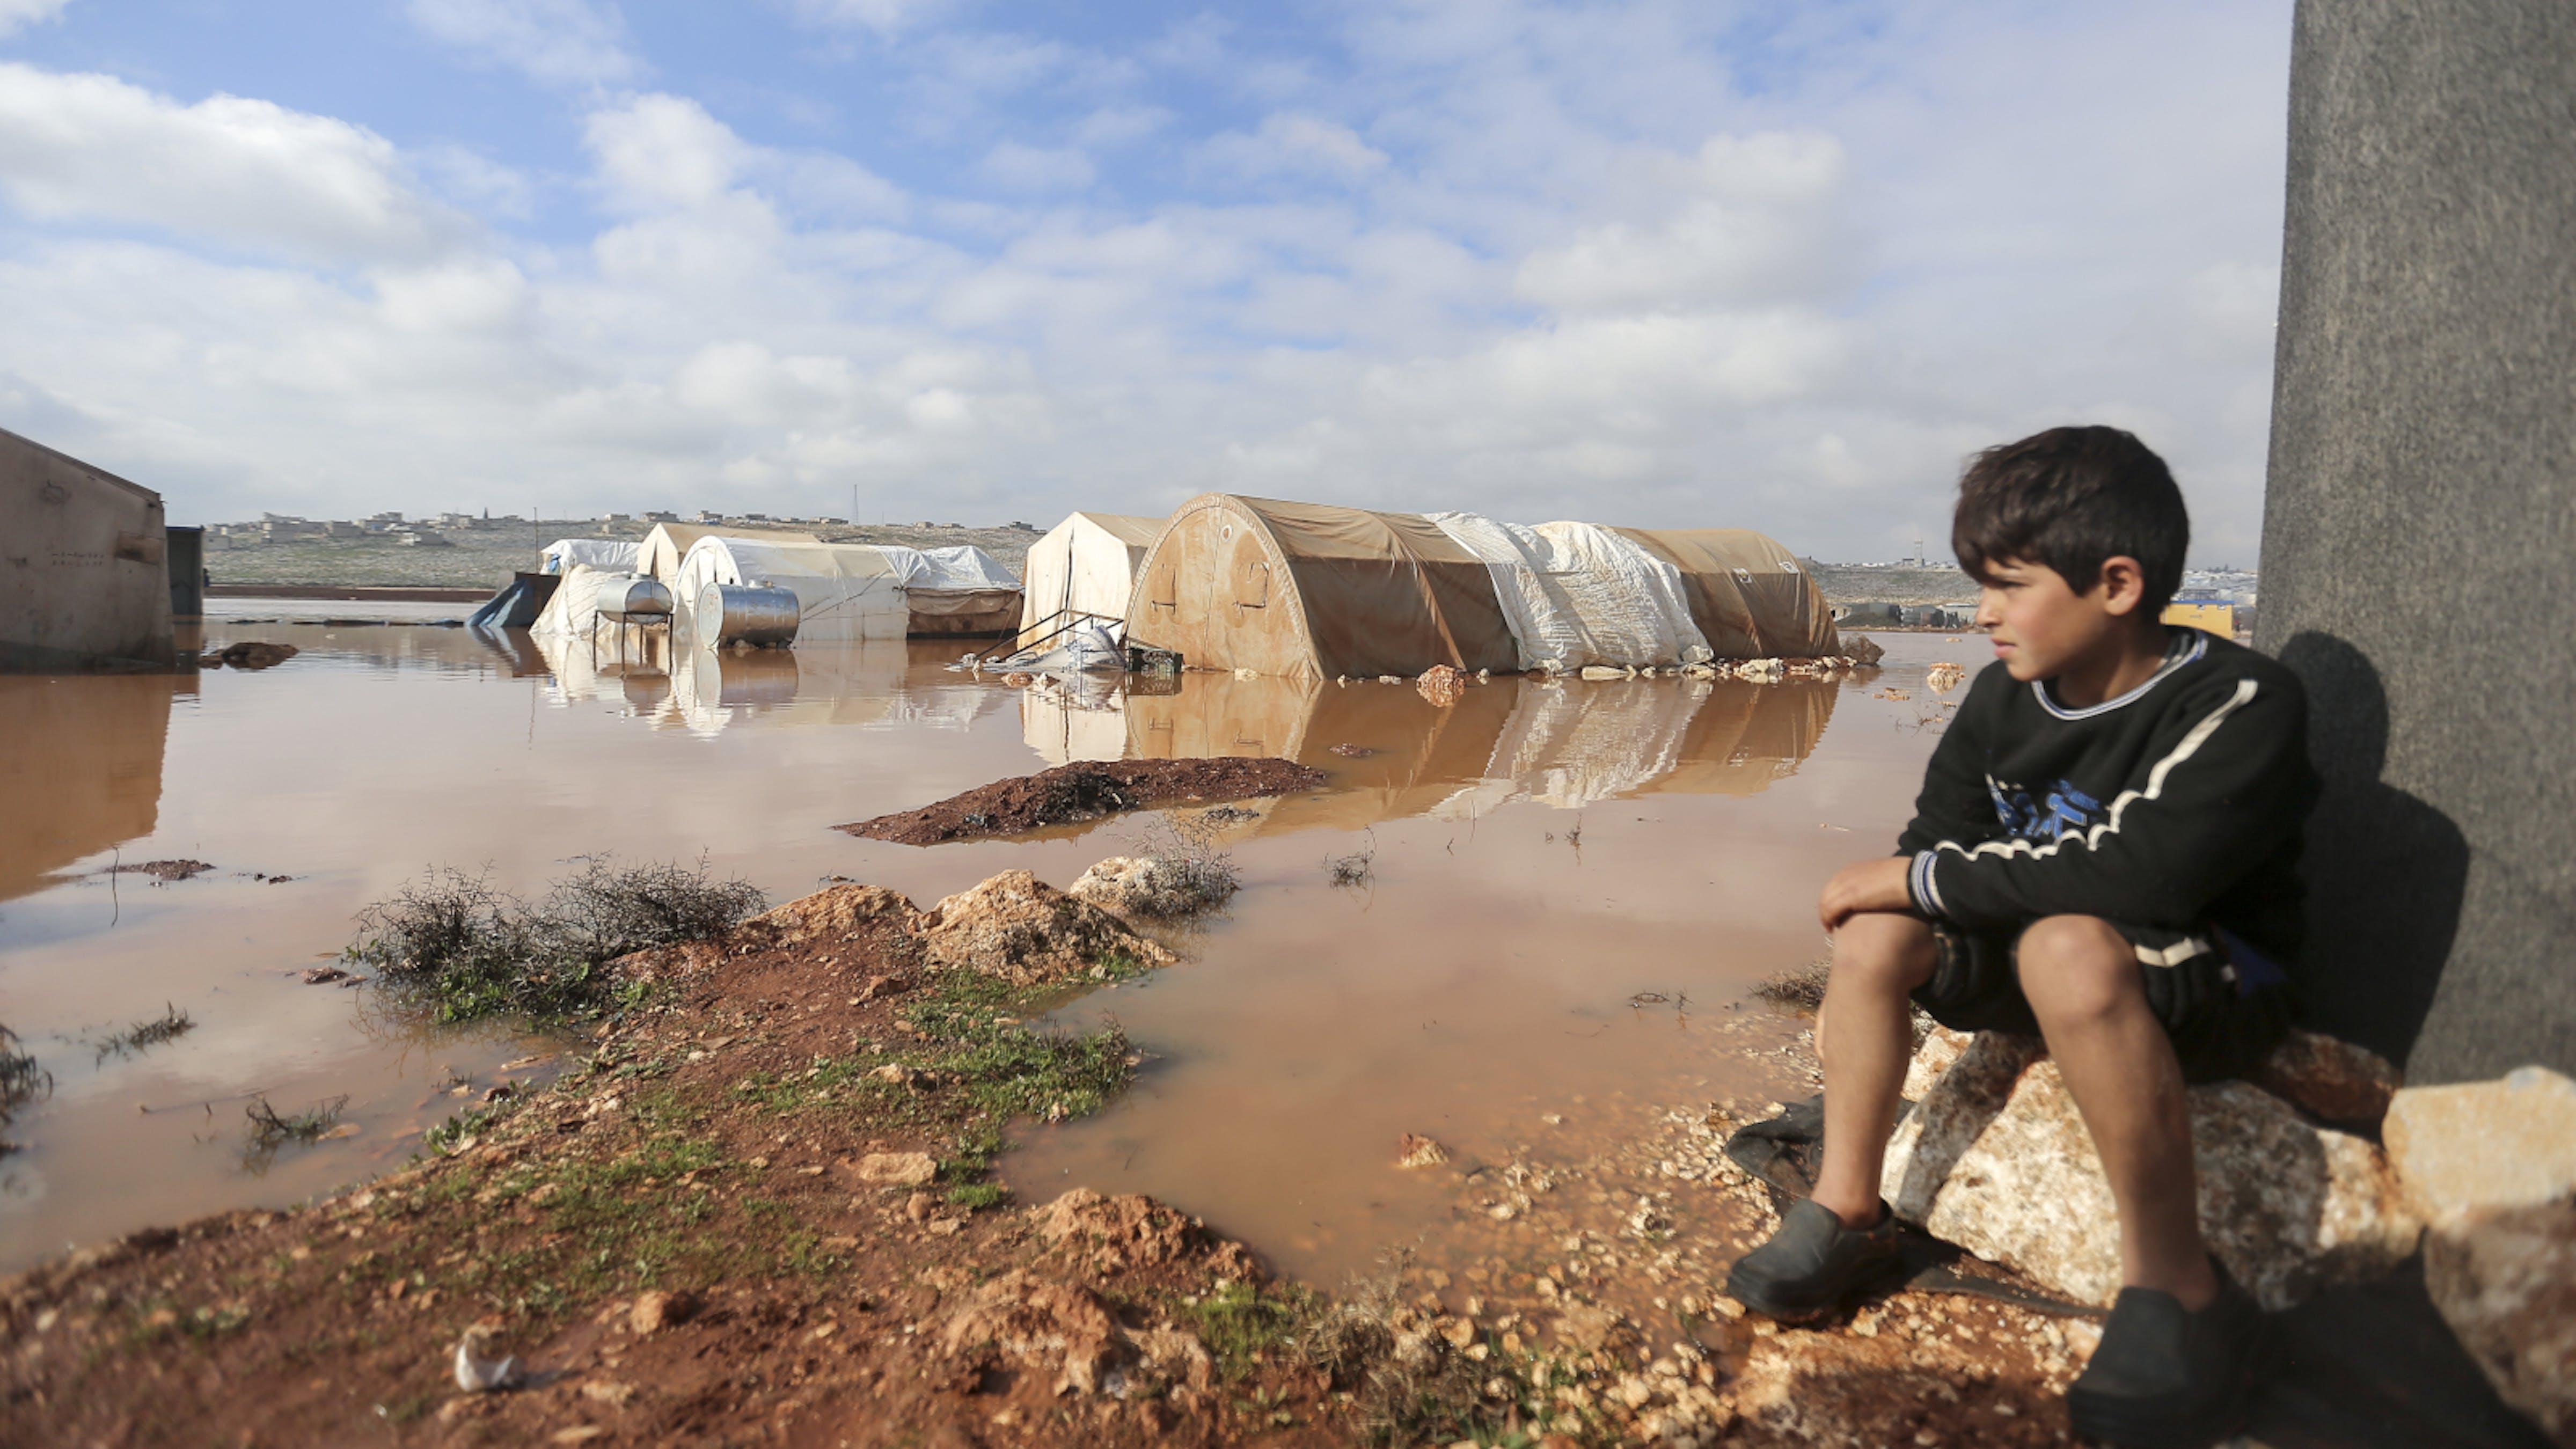 bambini e guerre,siria,alluvione